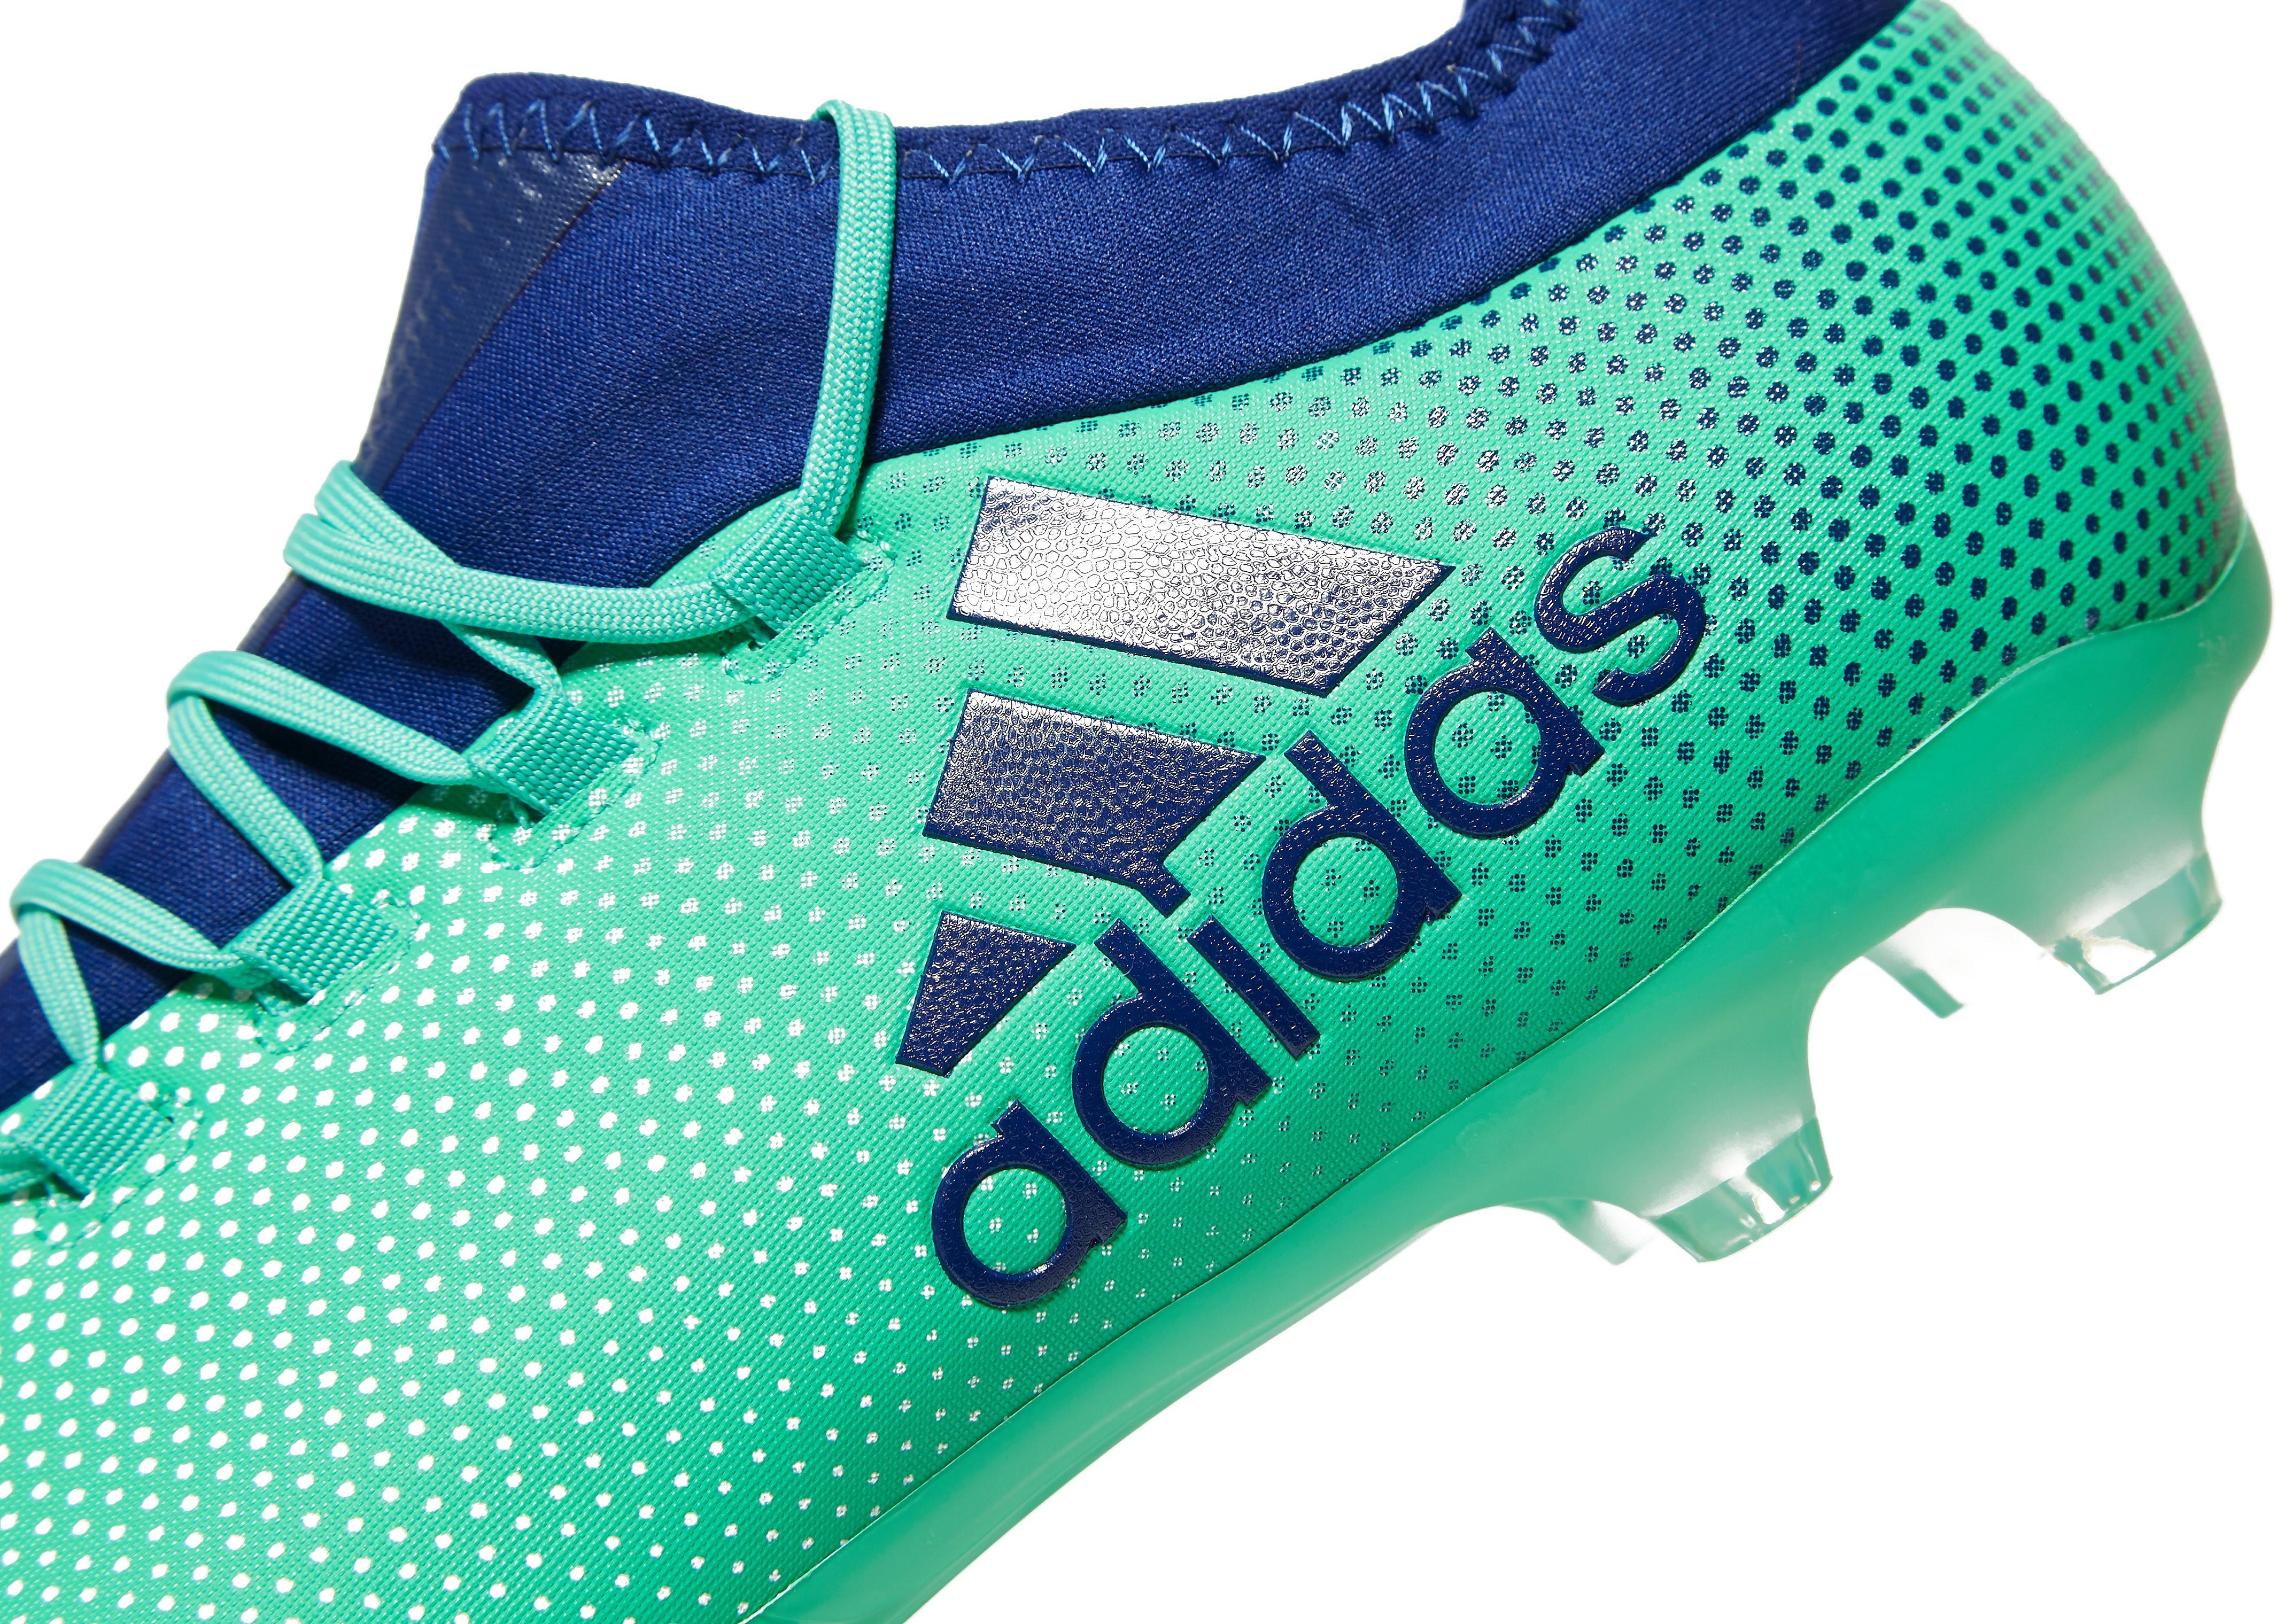 adidas Deadly Strike X 17.2 FG